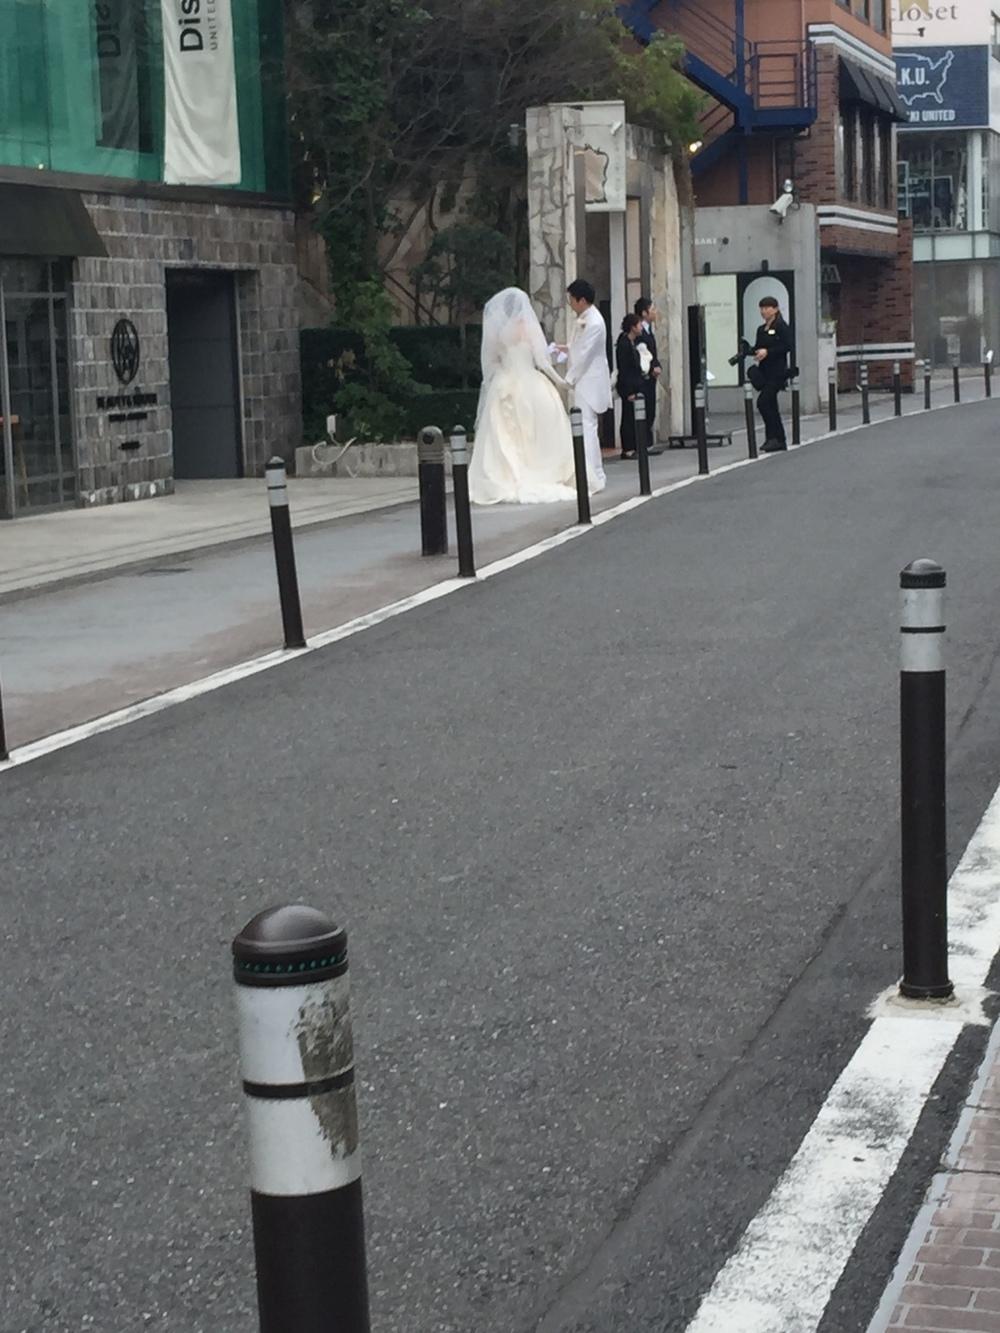 Men brudeparet skilte seg jo litt ut, da :)